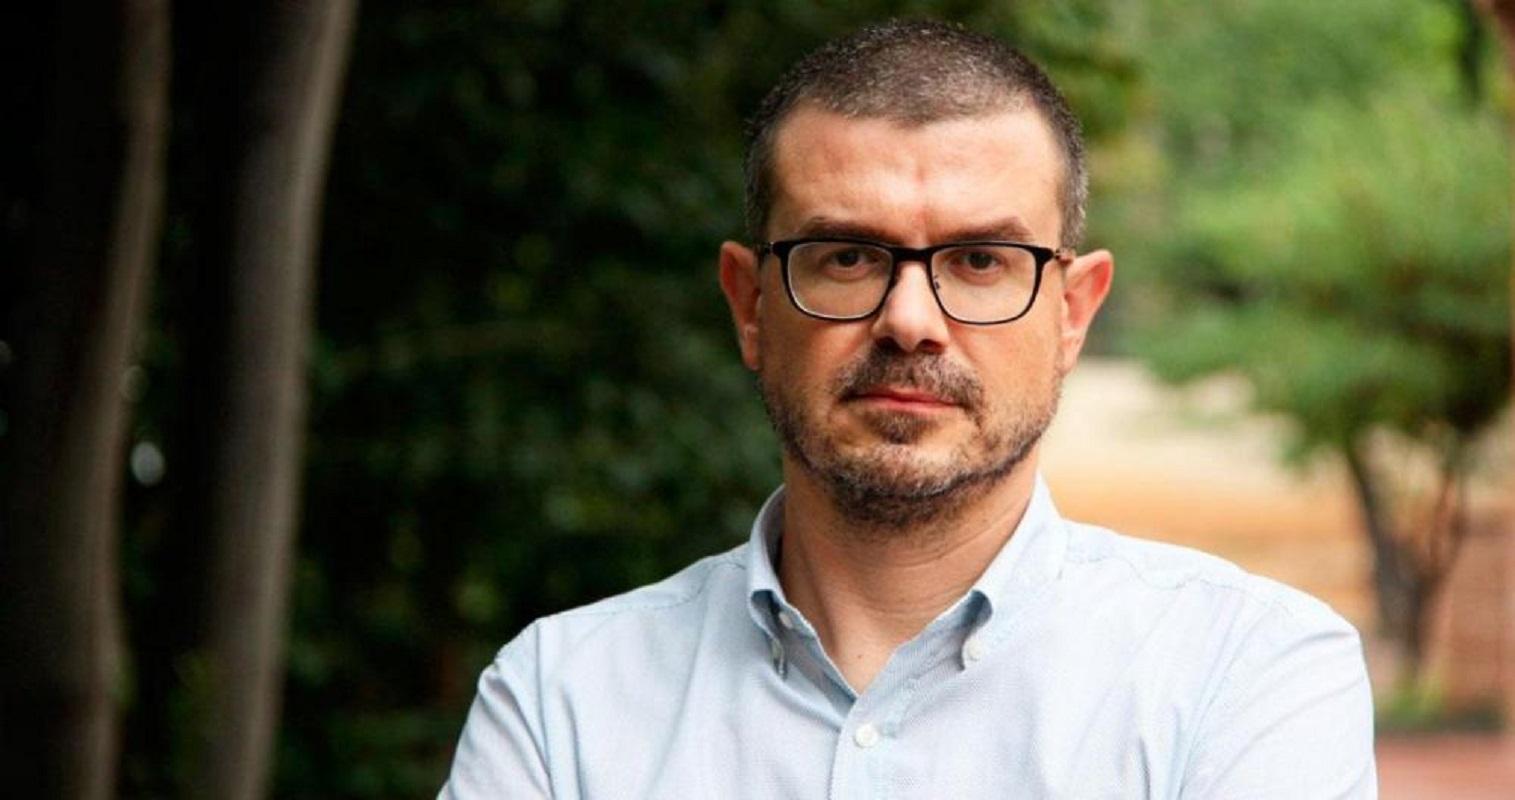 El ex 'dircom' de Puigdemont se recoloca en la Diputación gobernada por el PSC